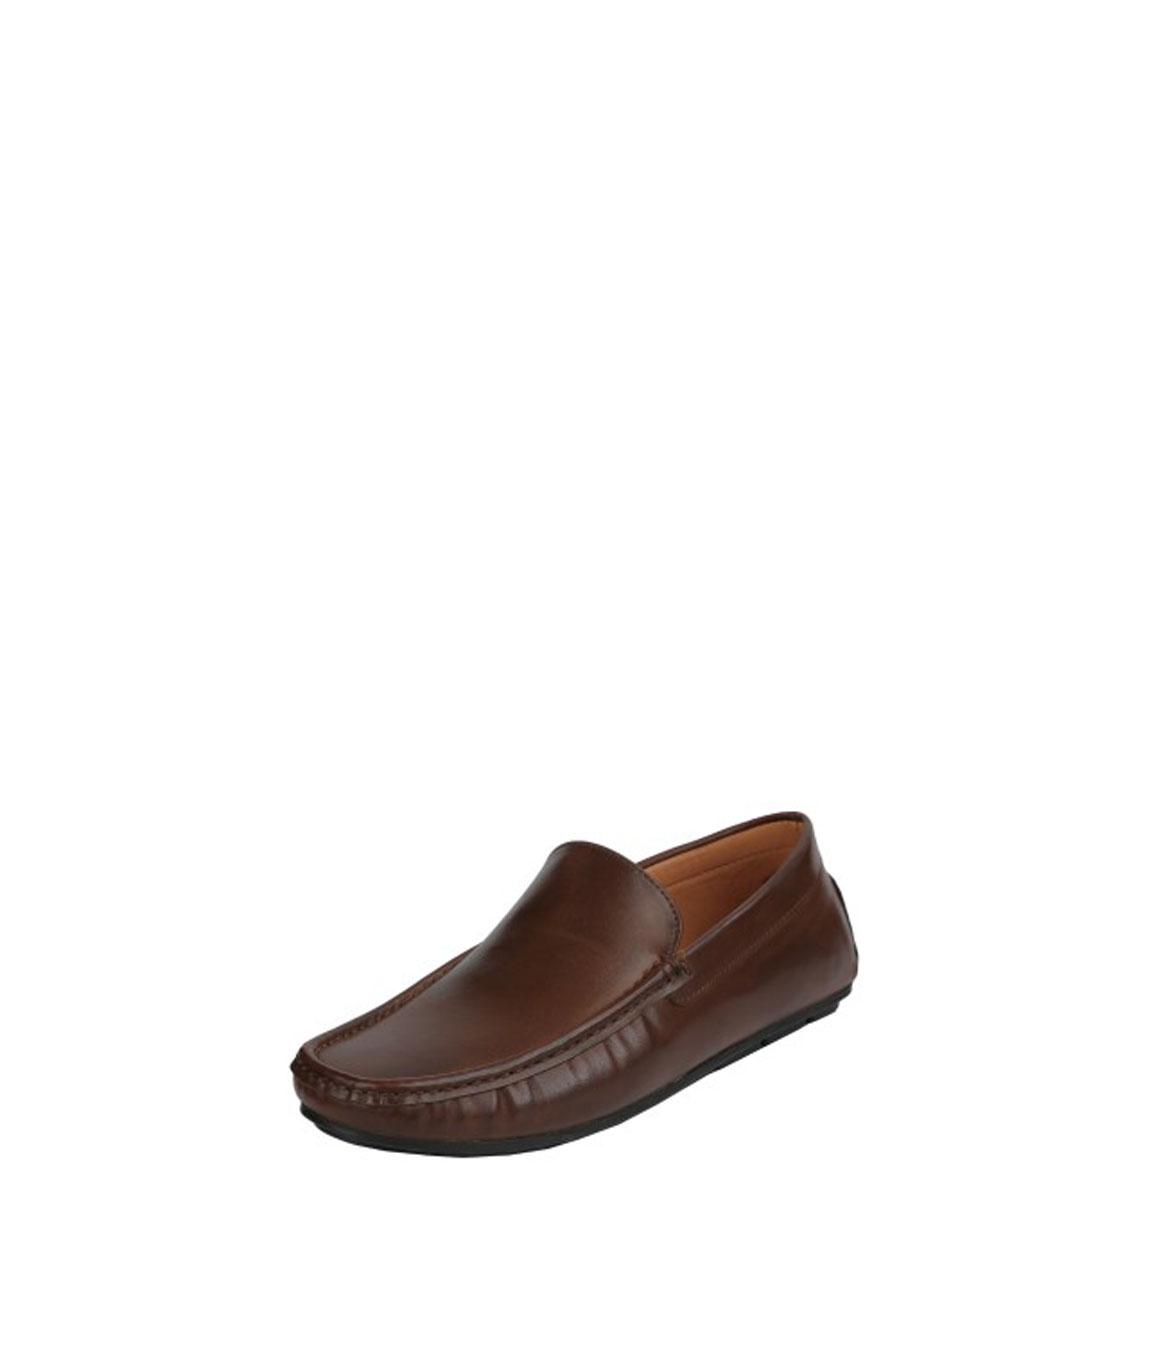 Men Loafer Shoes